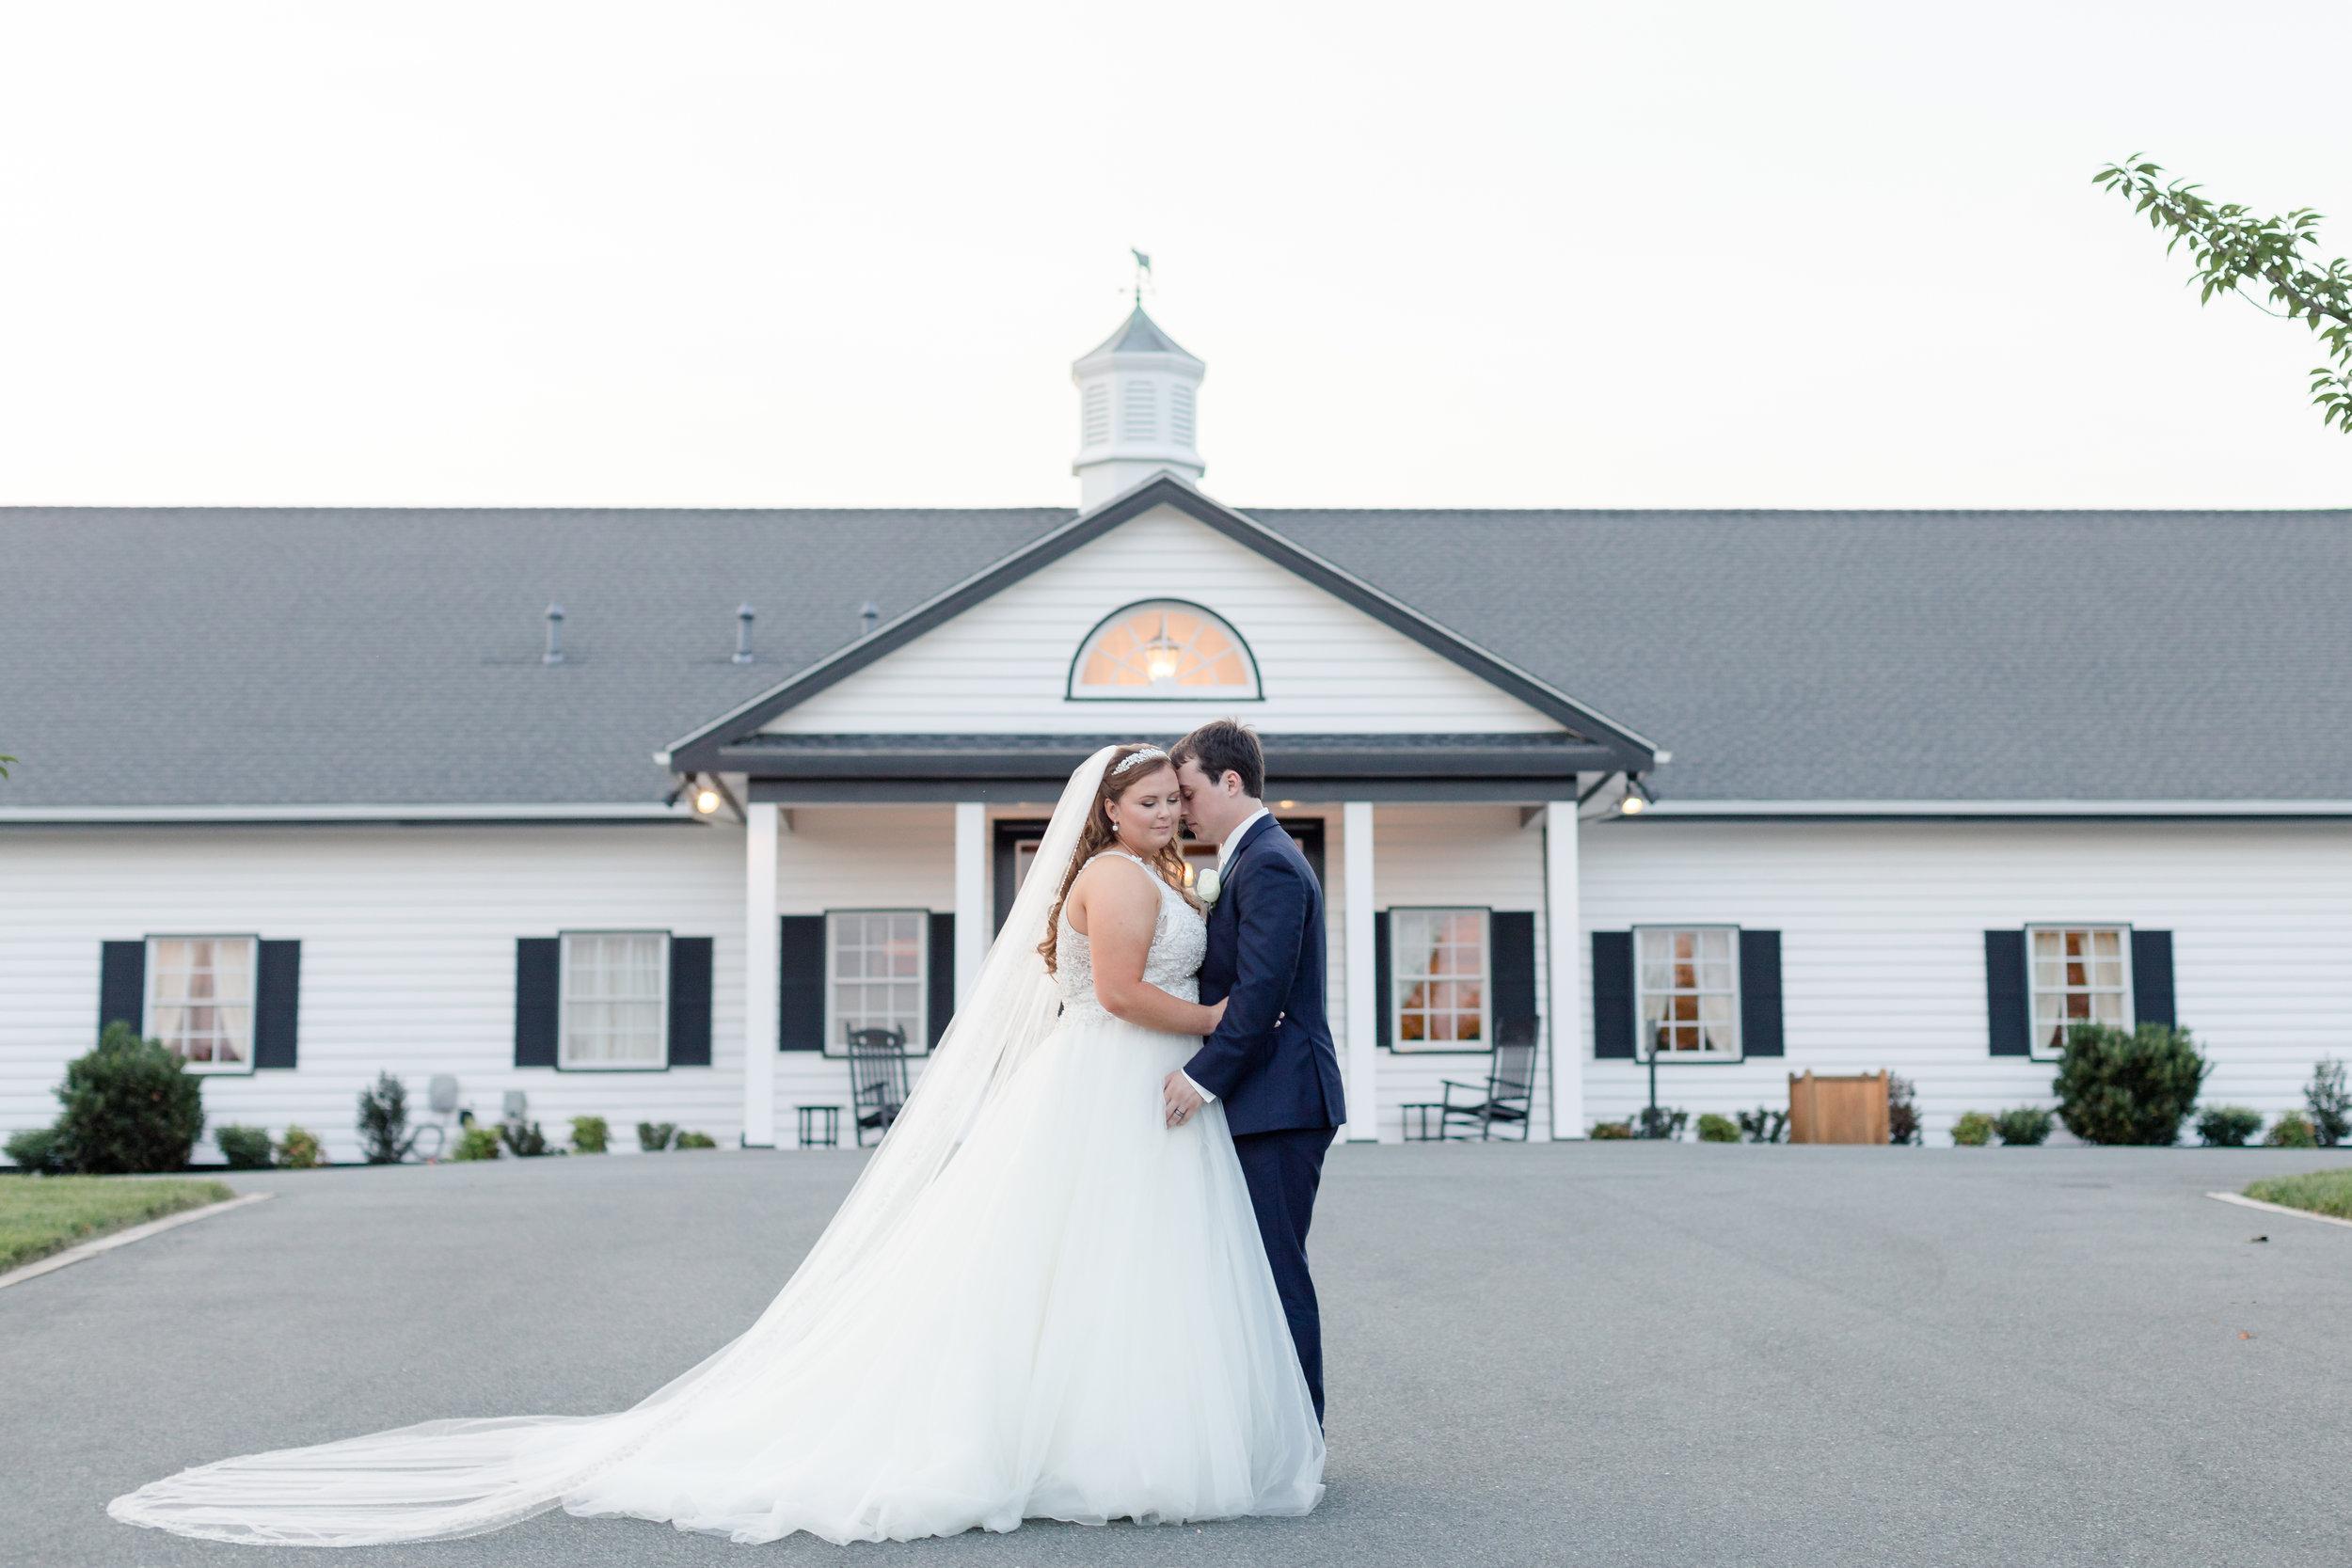 Will & Morgan Married Portfolio - 0022.jpg